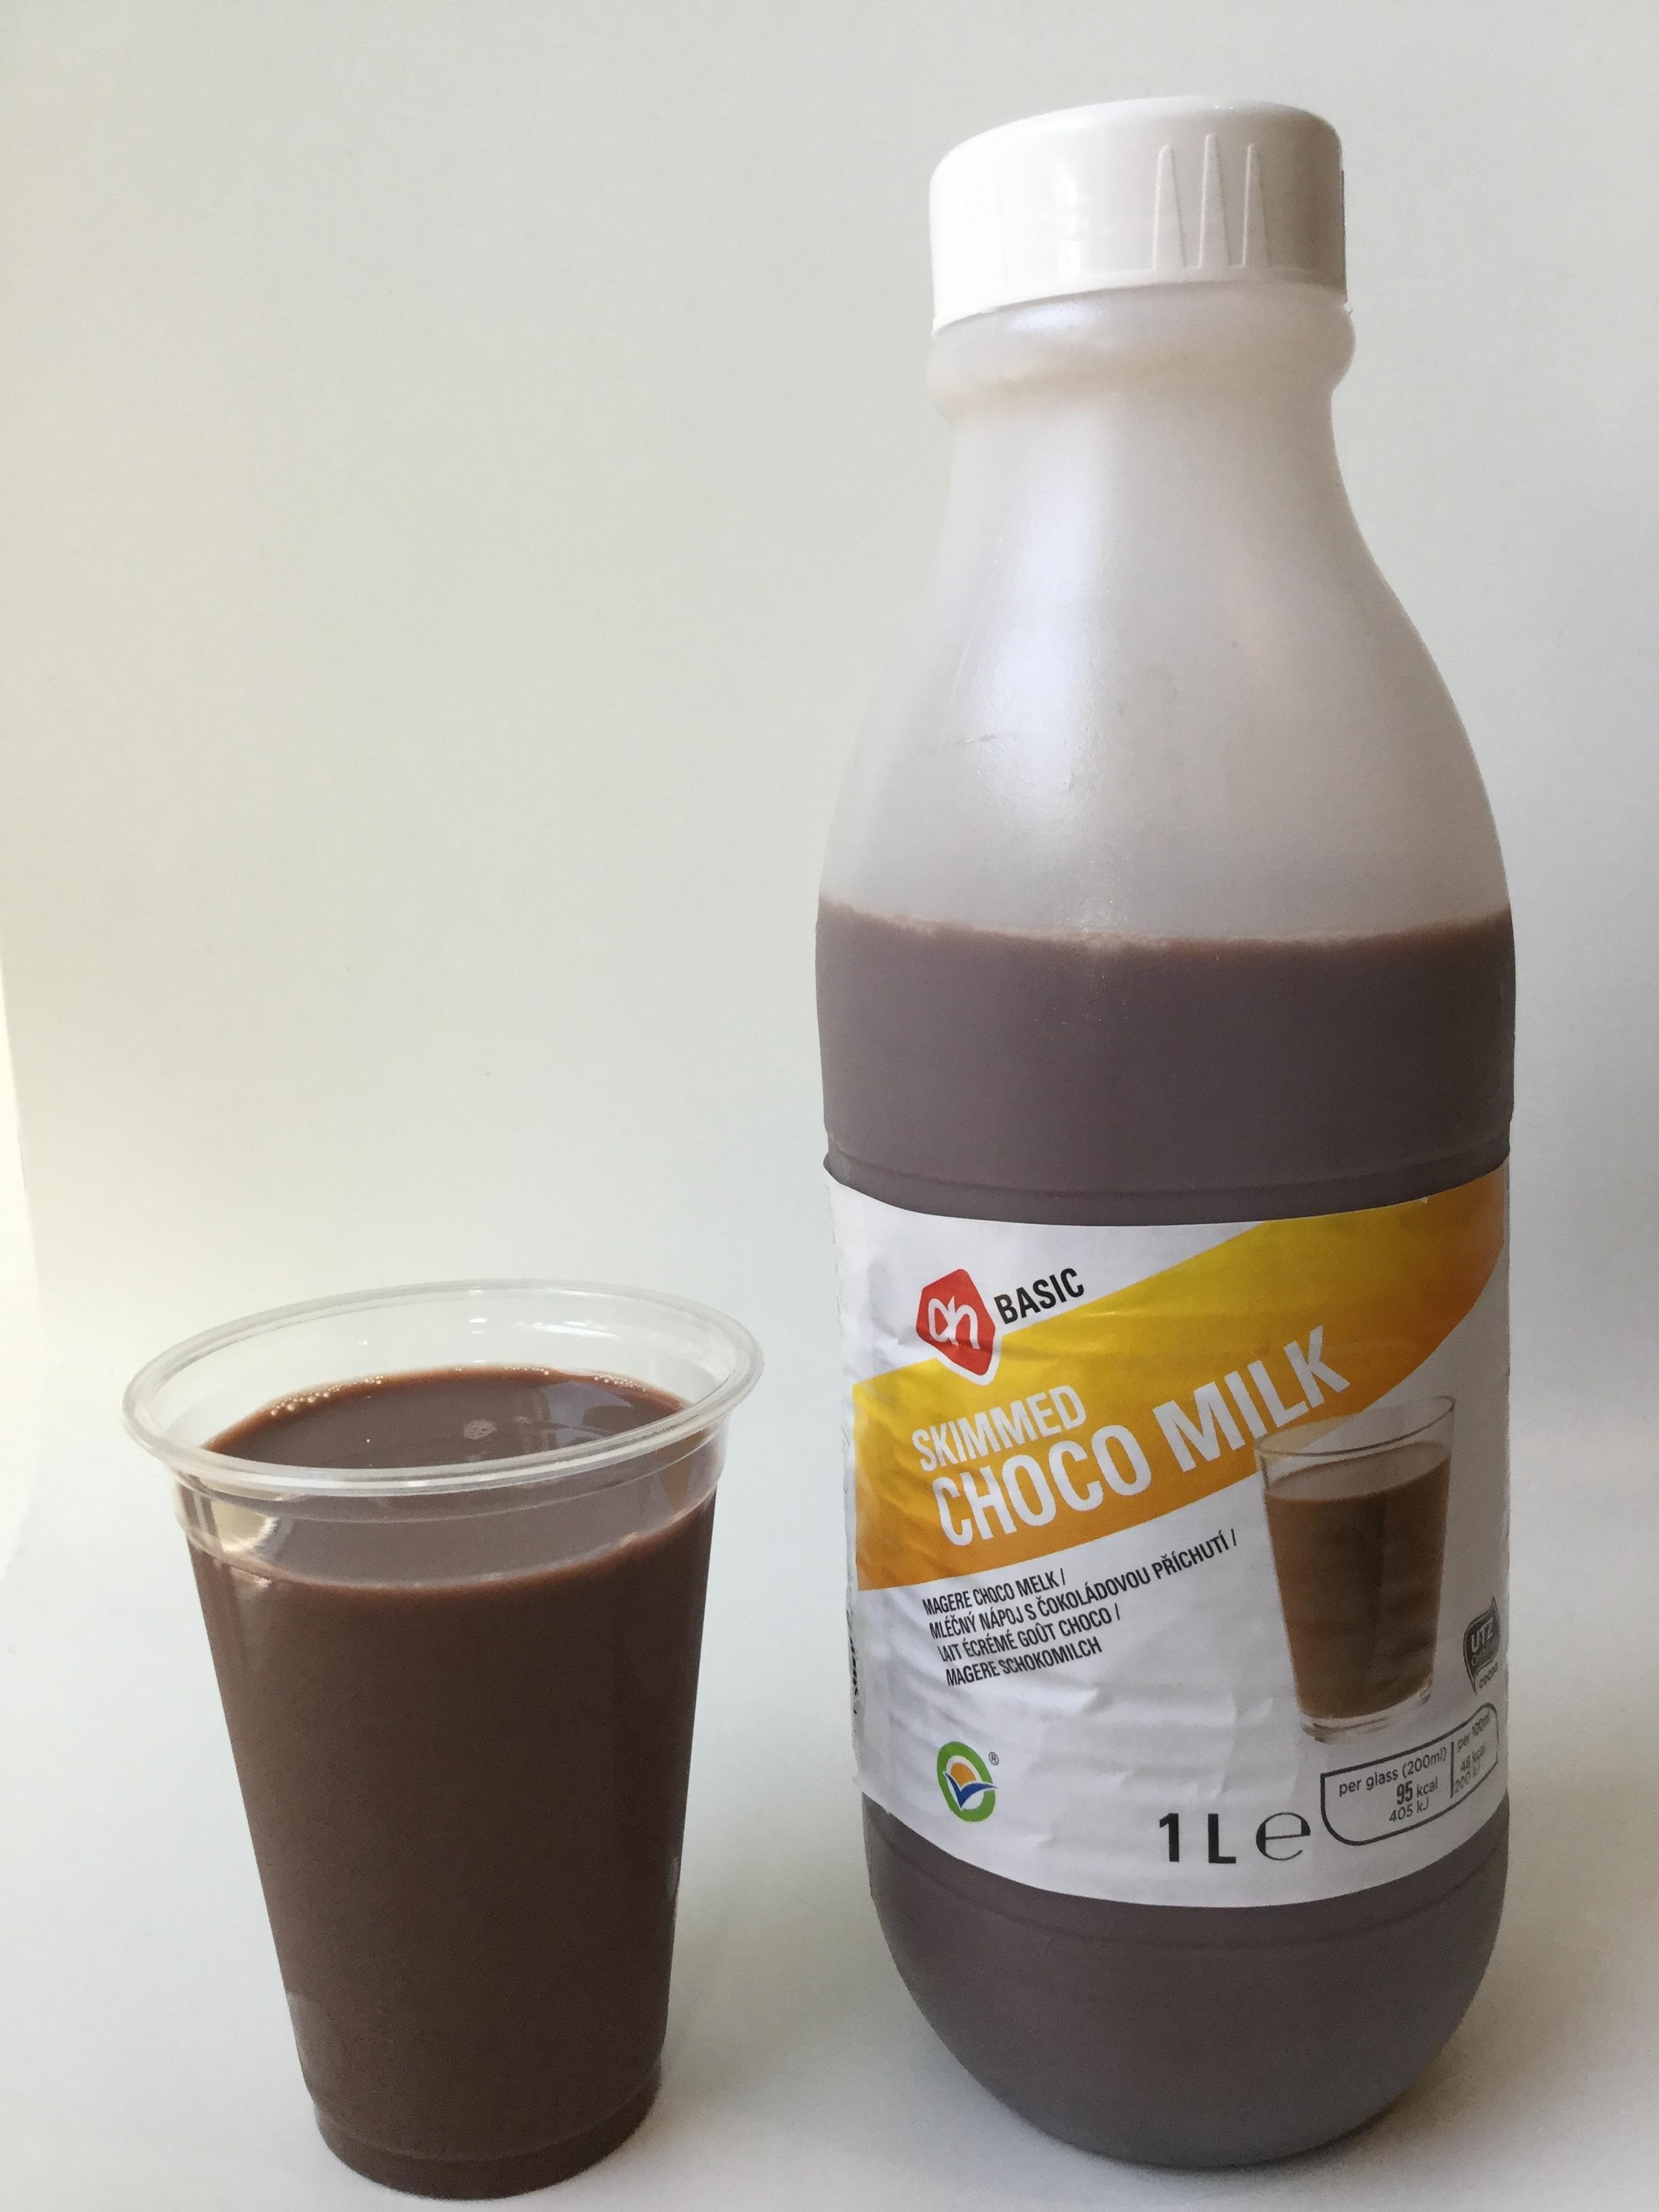 Albert Heijn Basic Skimmed Choco Milk Cup